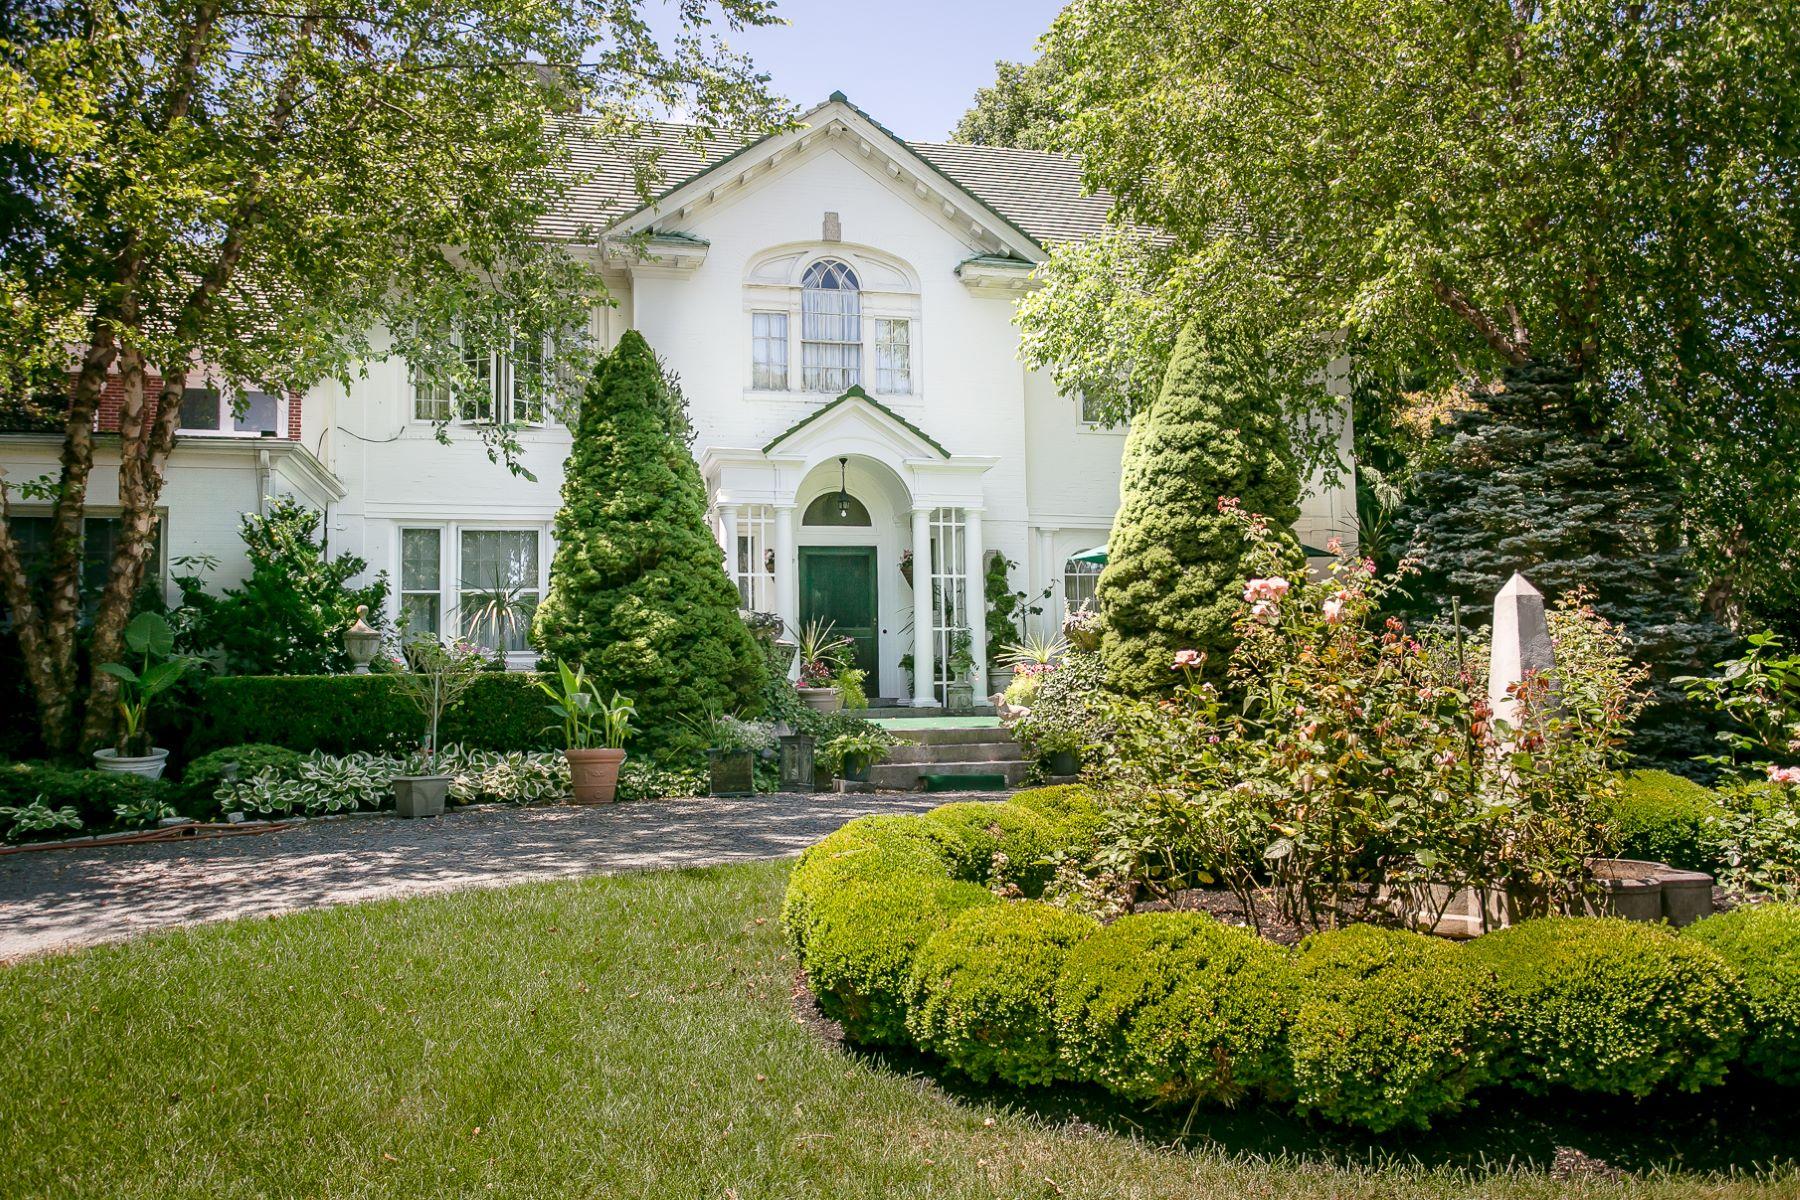 Μονοκατοικία για την Πώληση στο Finisterre 77 Catherine Street, Newport, Ροουντ Αϊλαντ 02840 Ηνωμένες Πολιτείες